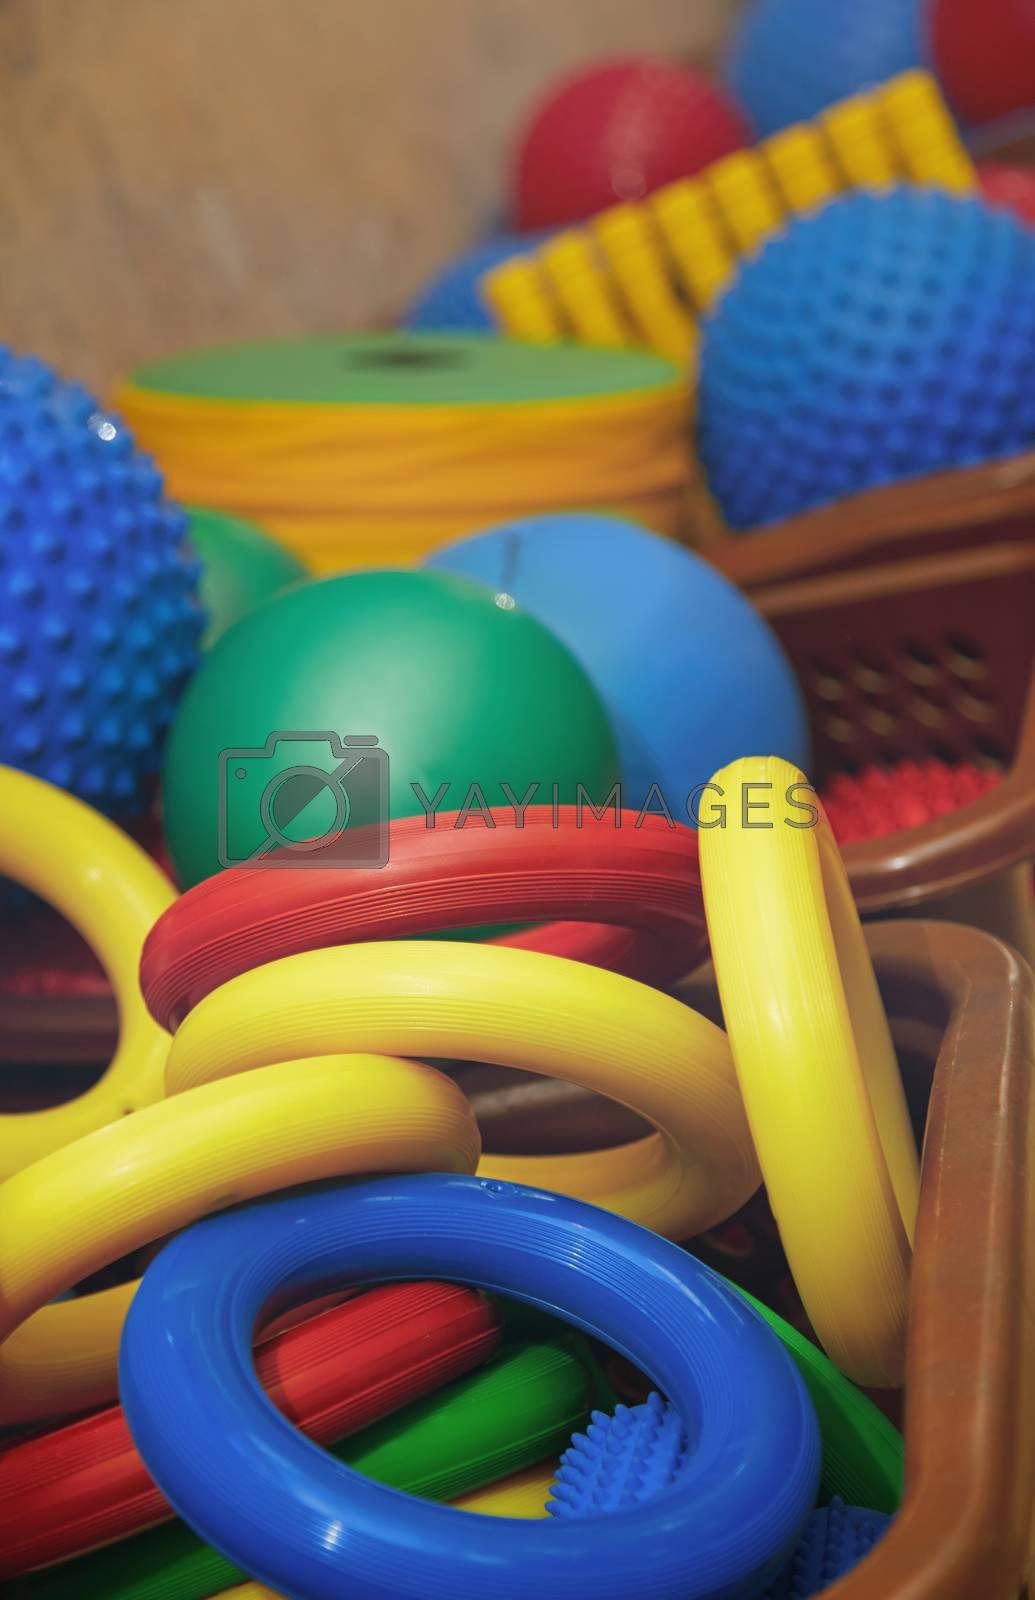 Rubber toys by Novic